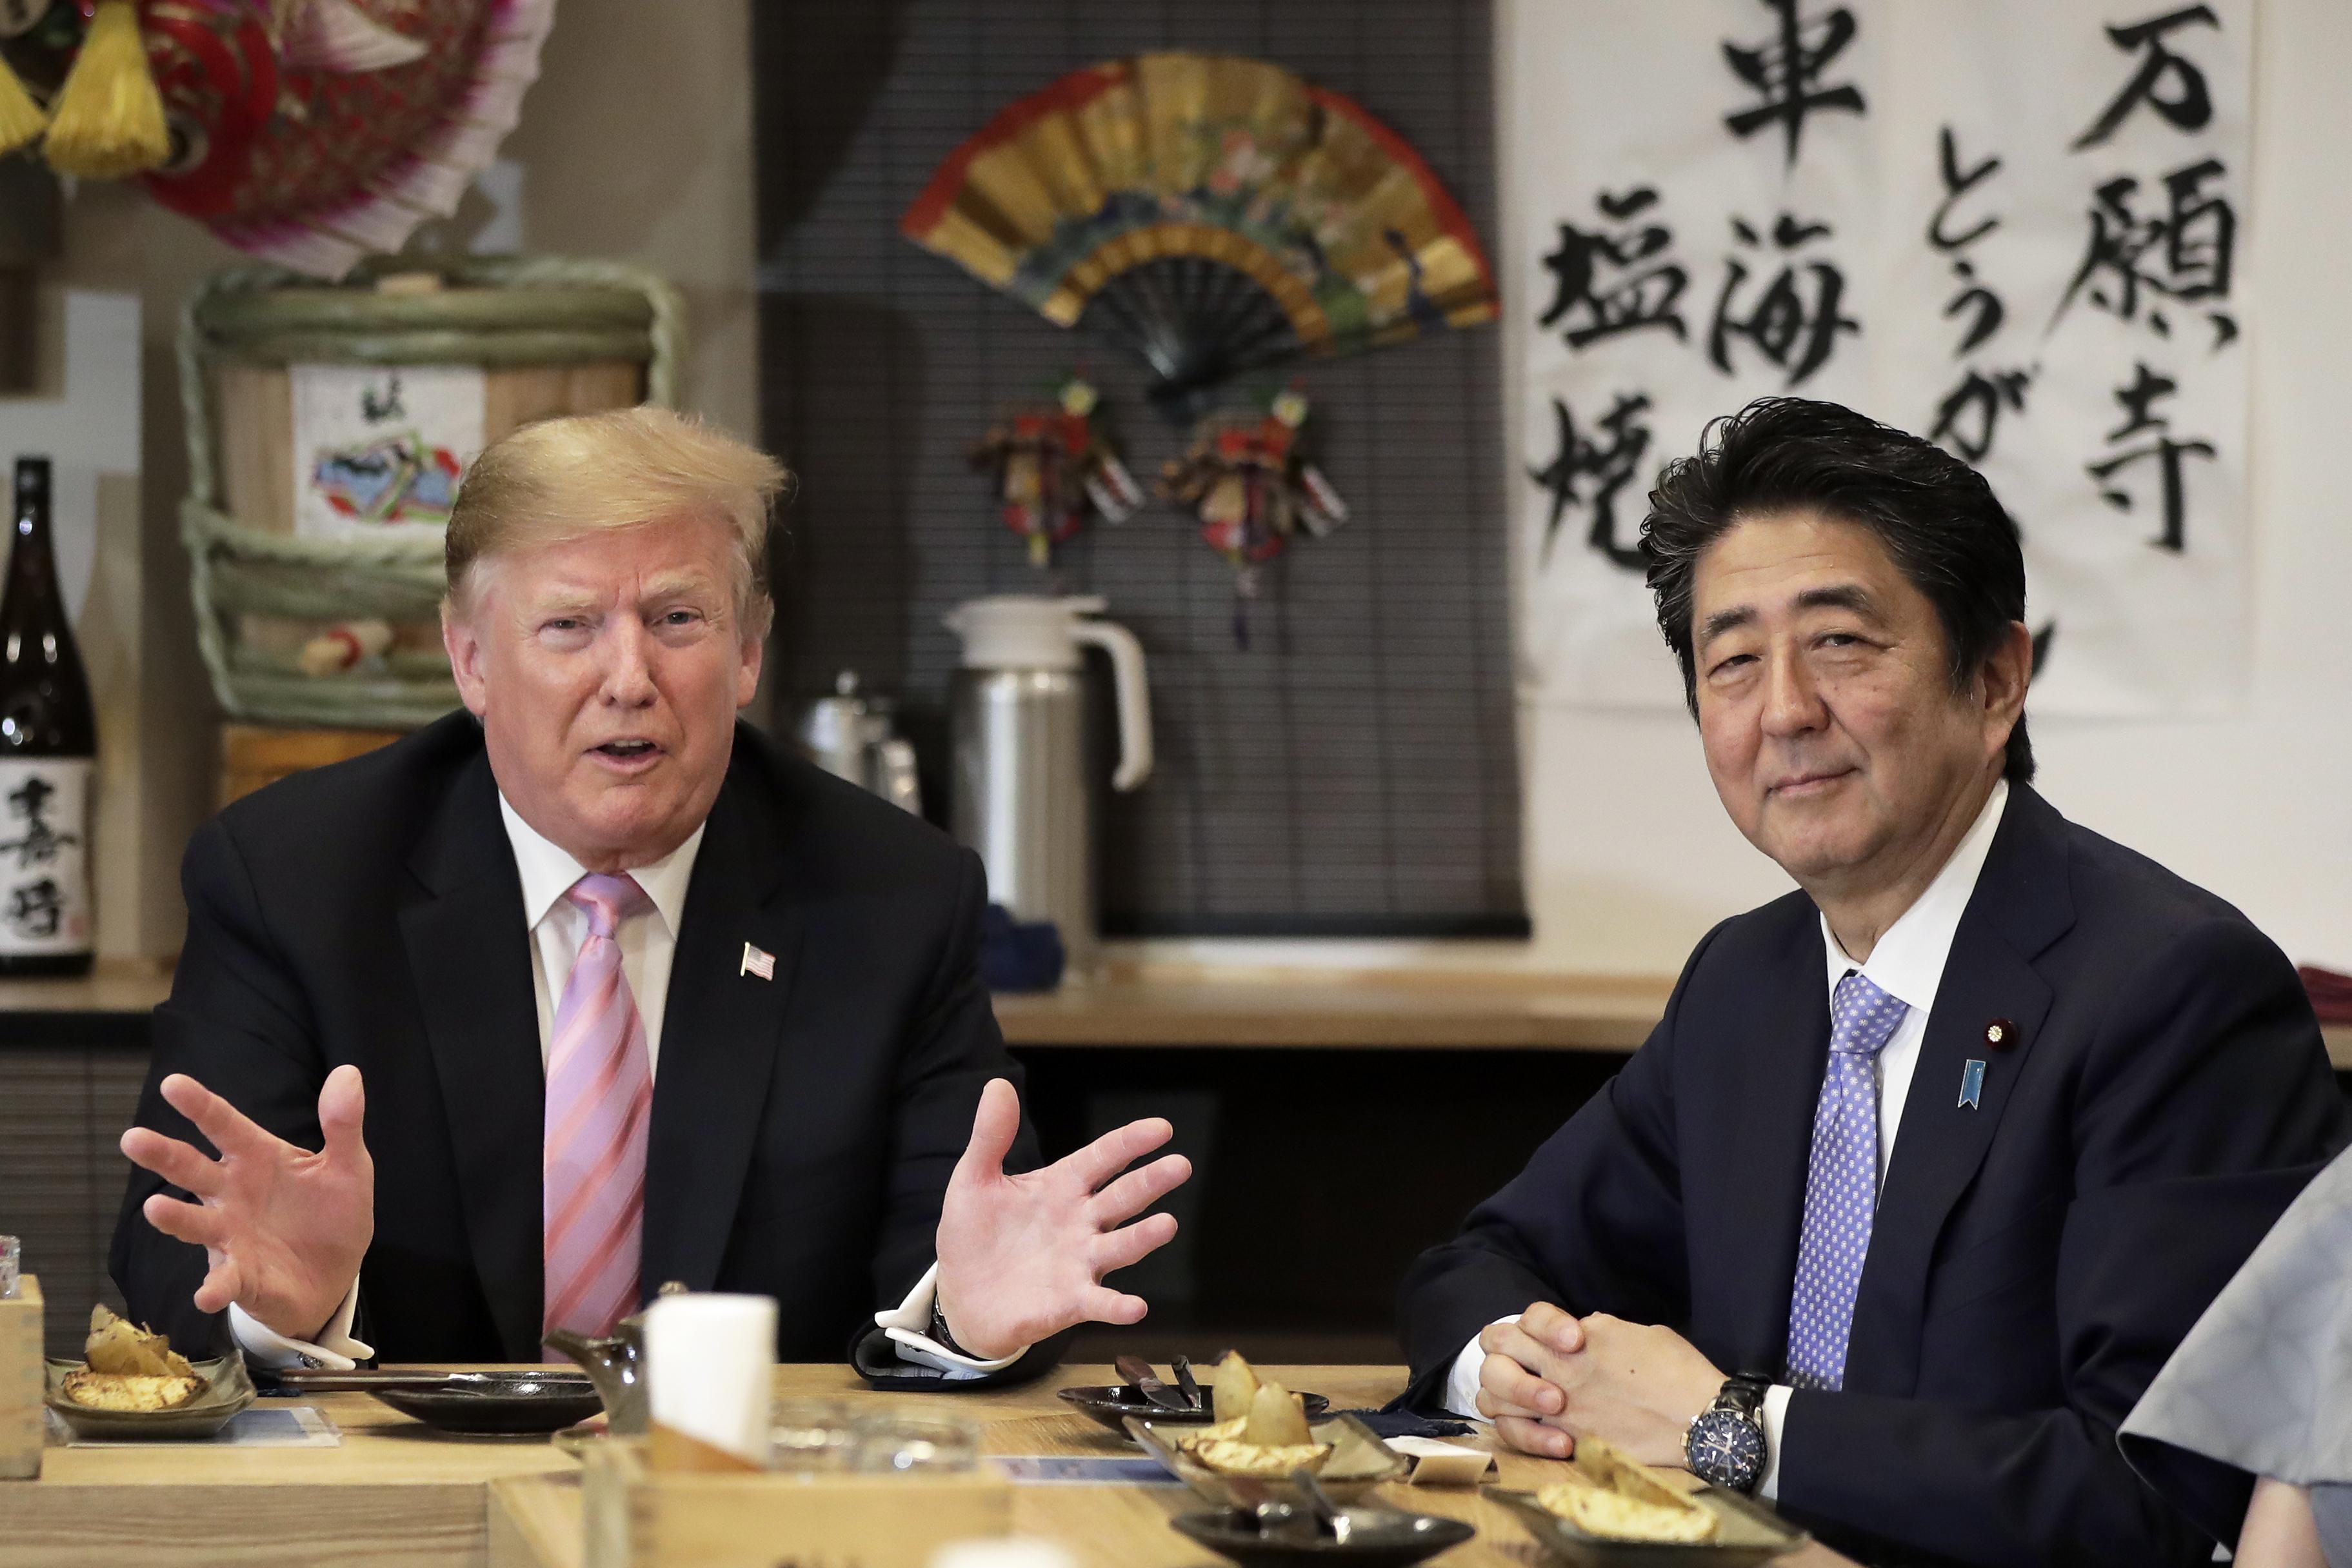 Tramp drugog dana posete Japanu gledao sumo rvanje i igrao golf sa Abeom 2